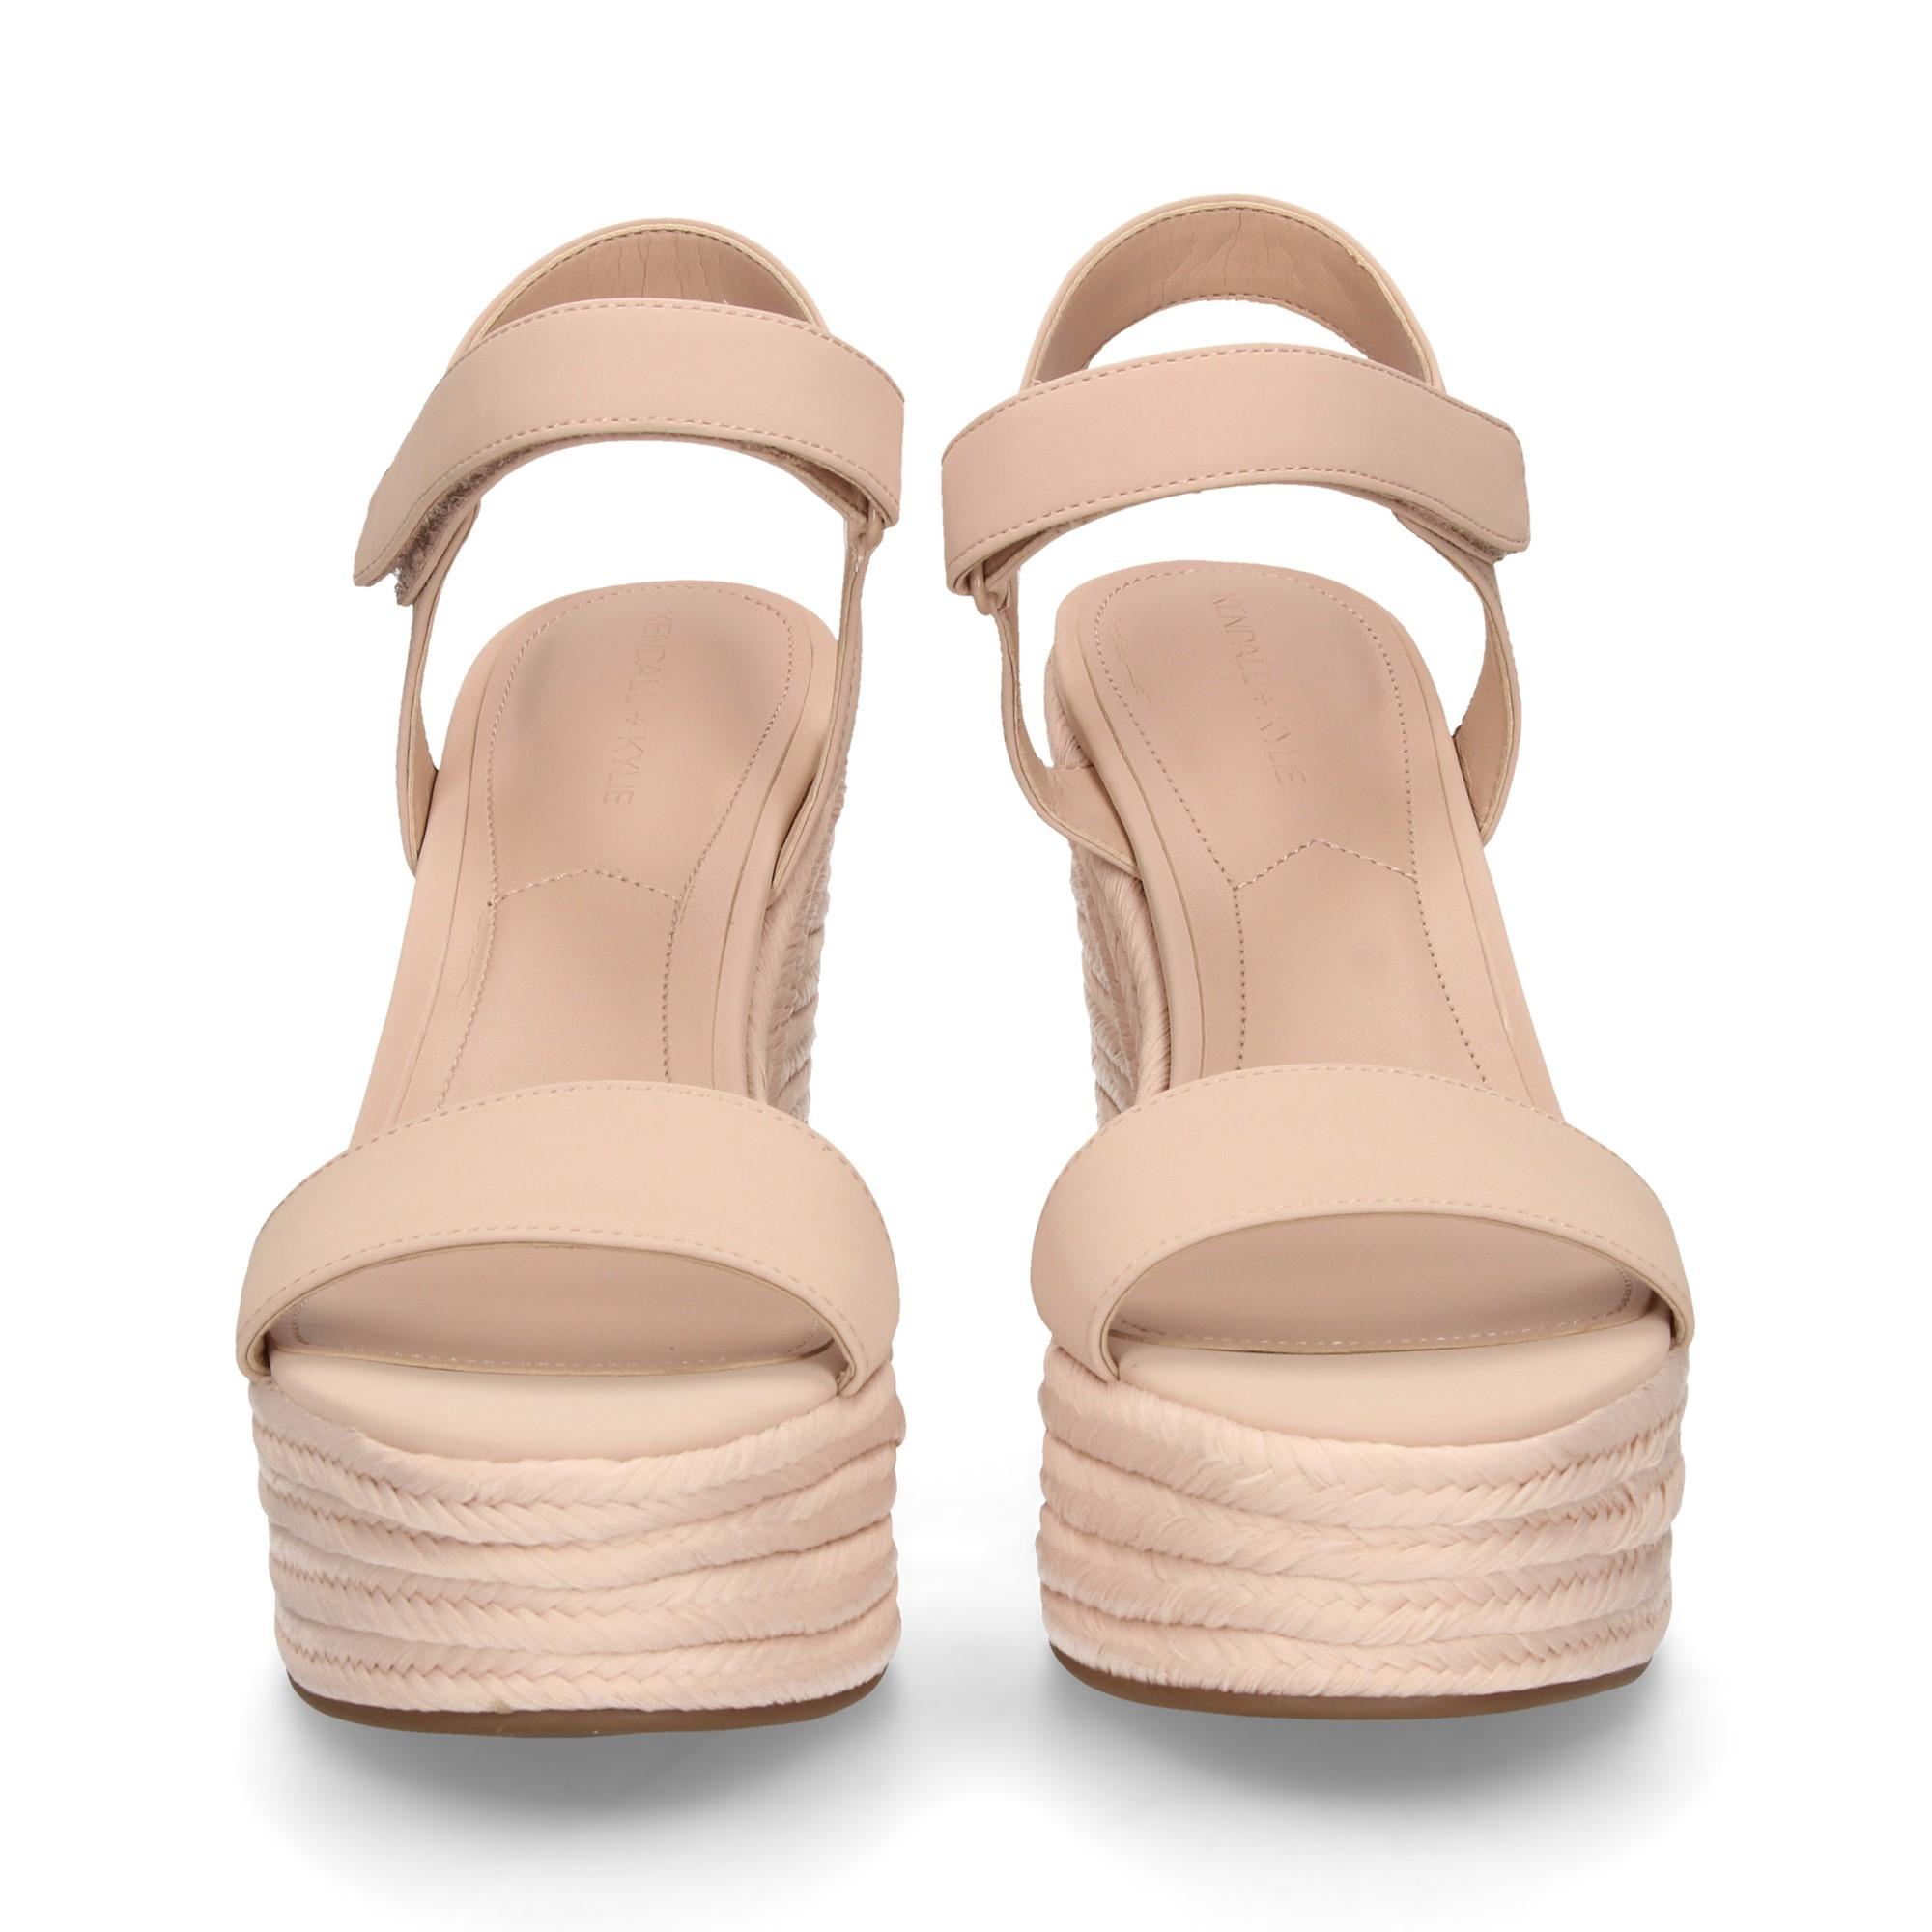 Pour Compensées Kkgrano2 Pink Femmes Sandales 24 Soft